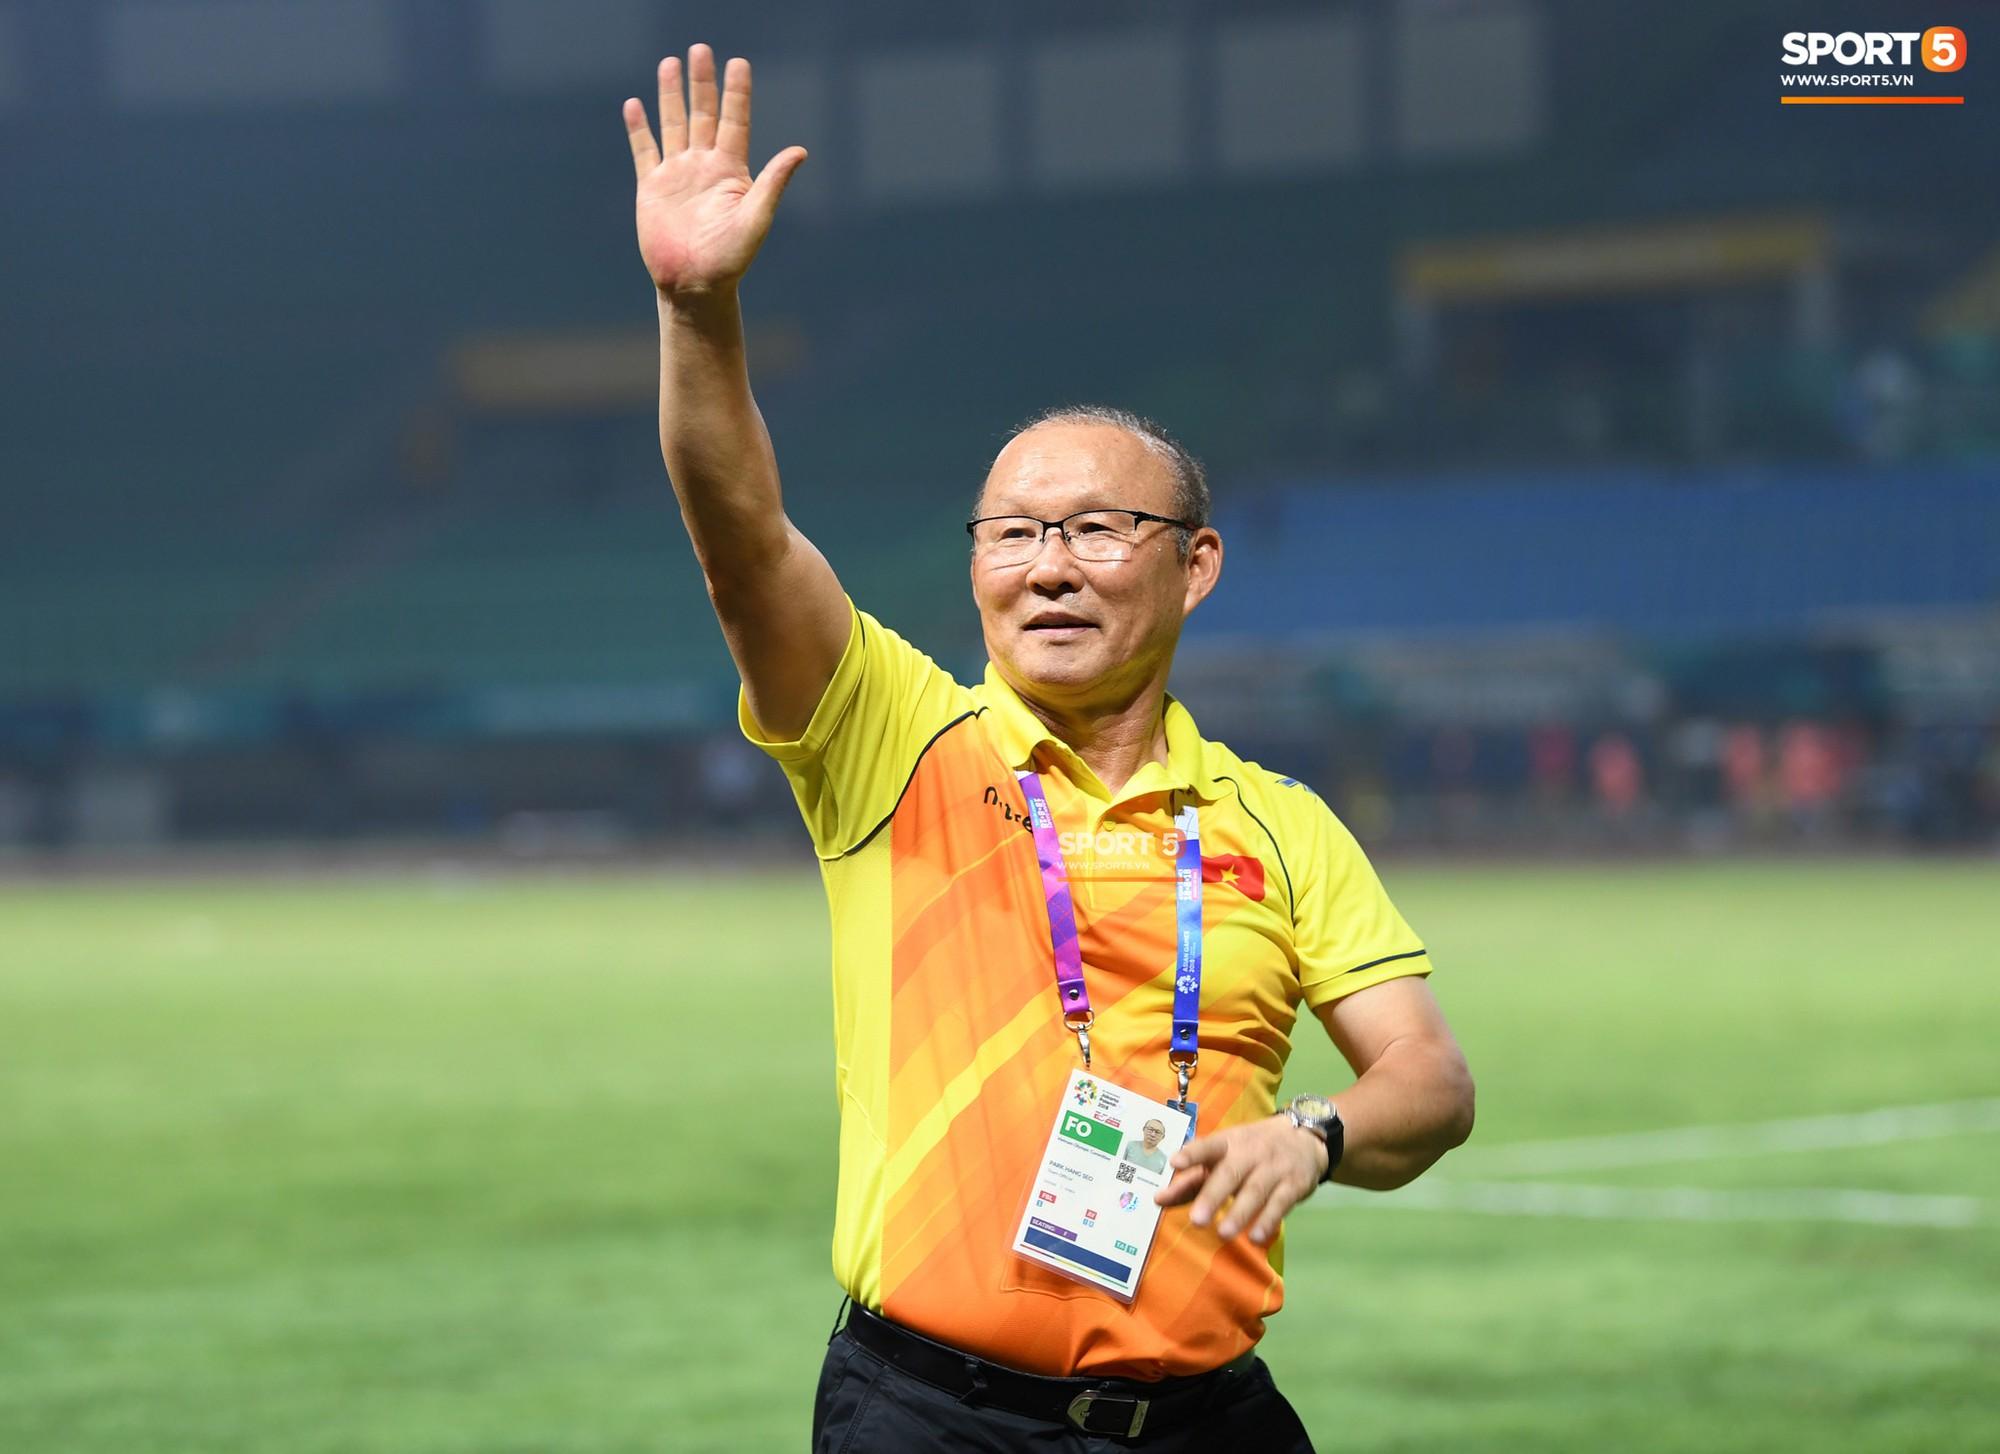 HLV Park Hang Seo bước sang tuổi 60: Từ sinh viên nghiên cứu thảo mộc đến huyền thoại bóng đá Việt Nam-32